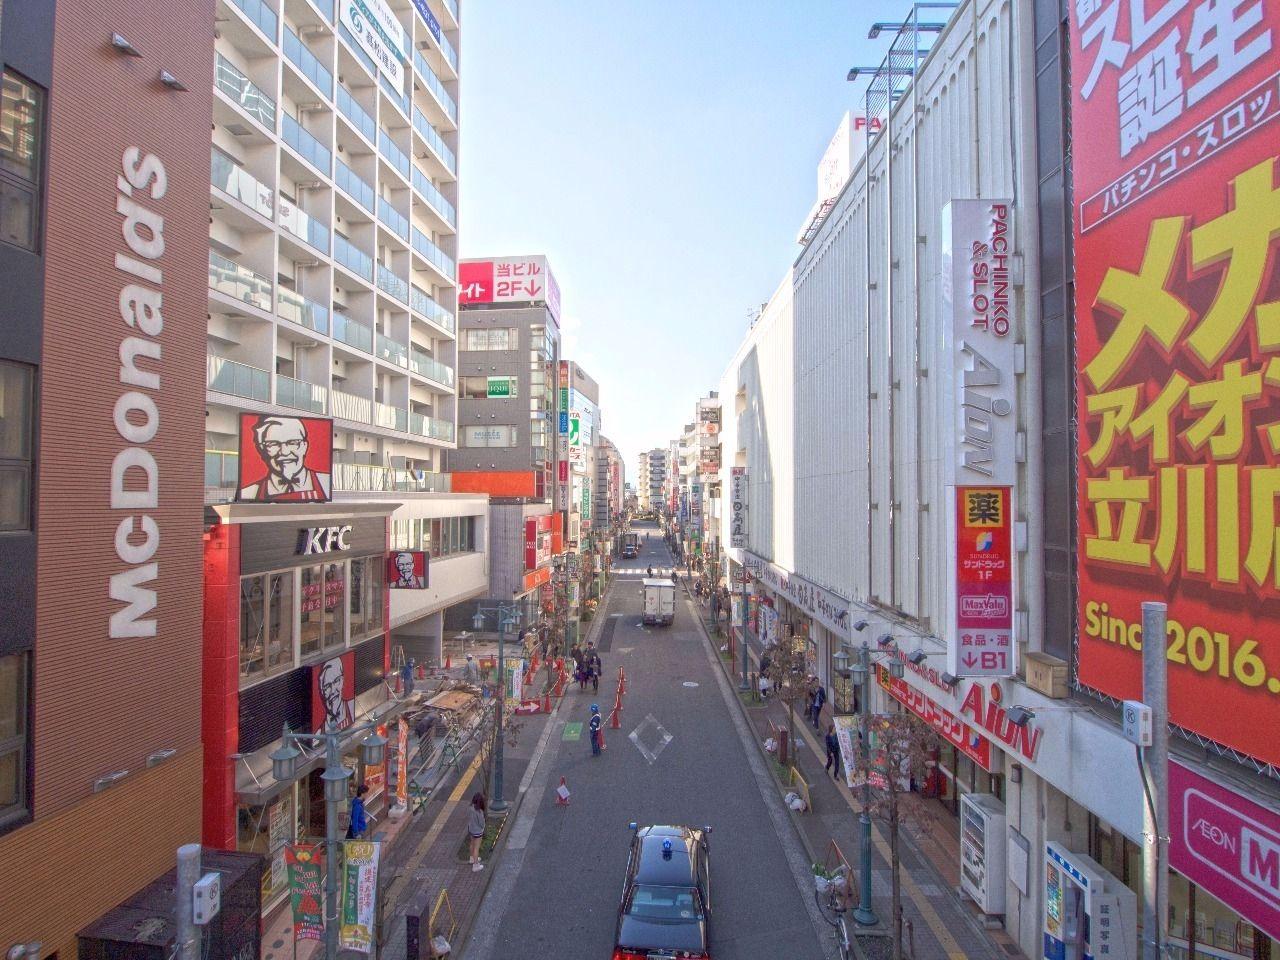 柴崎町へ向かう商店街のある通り